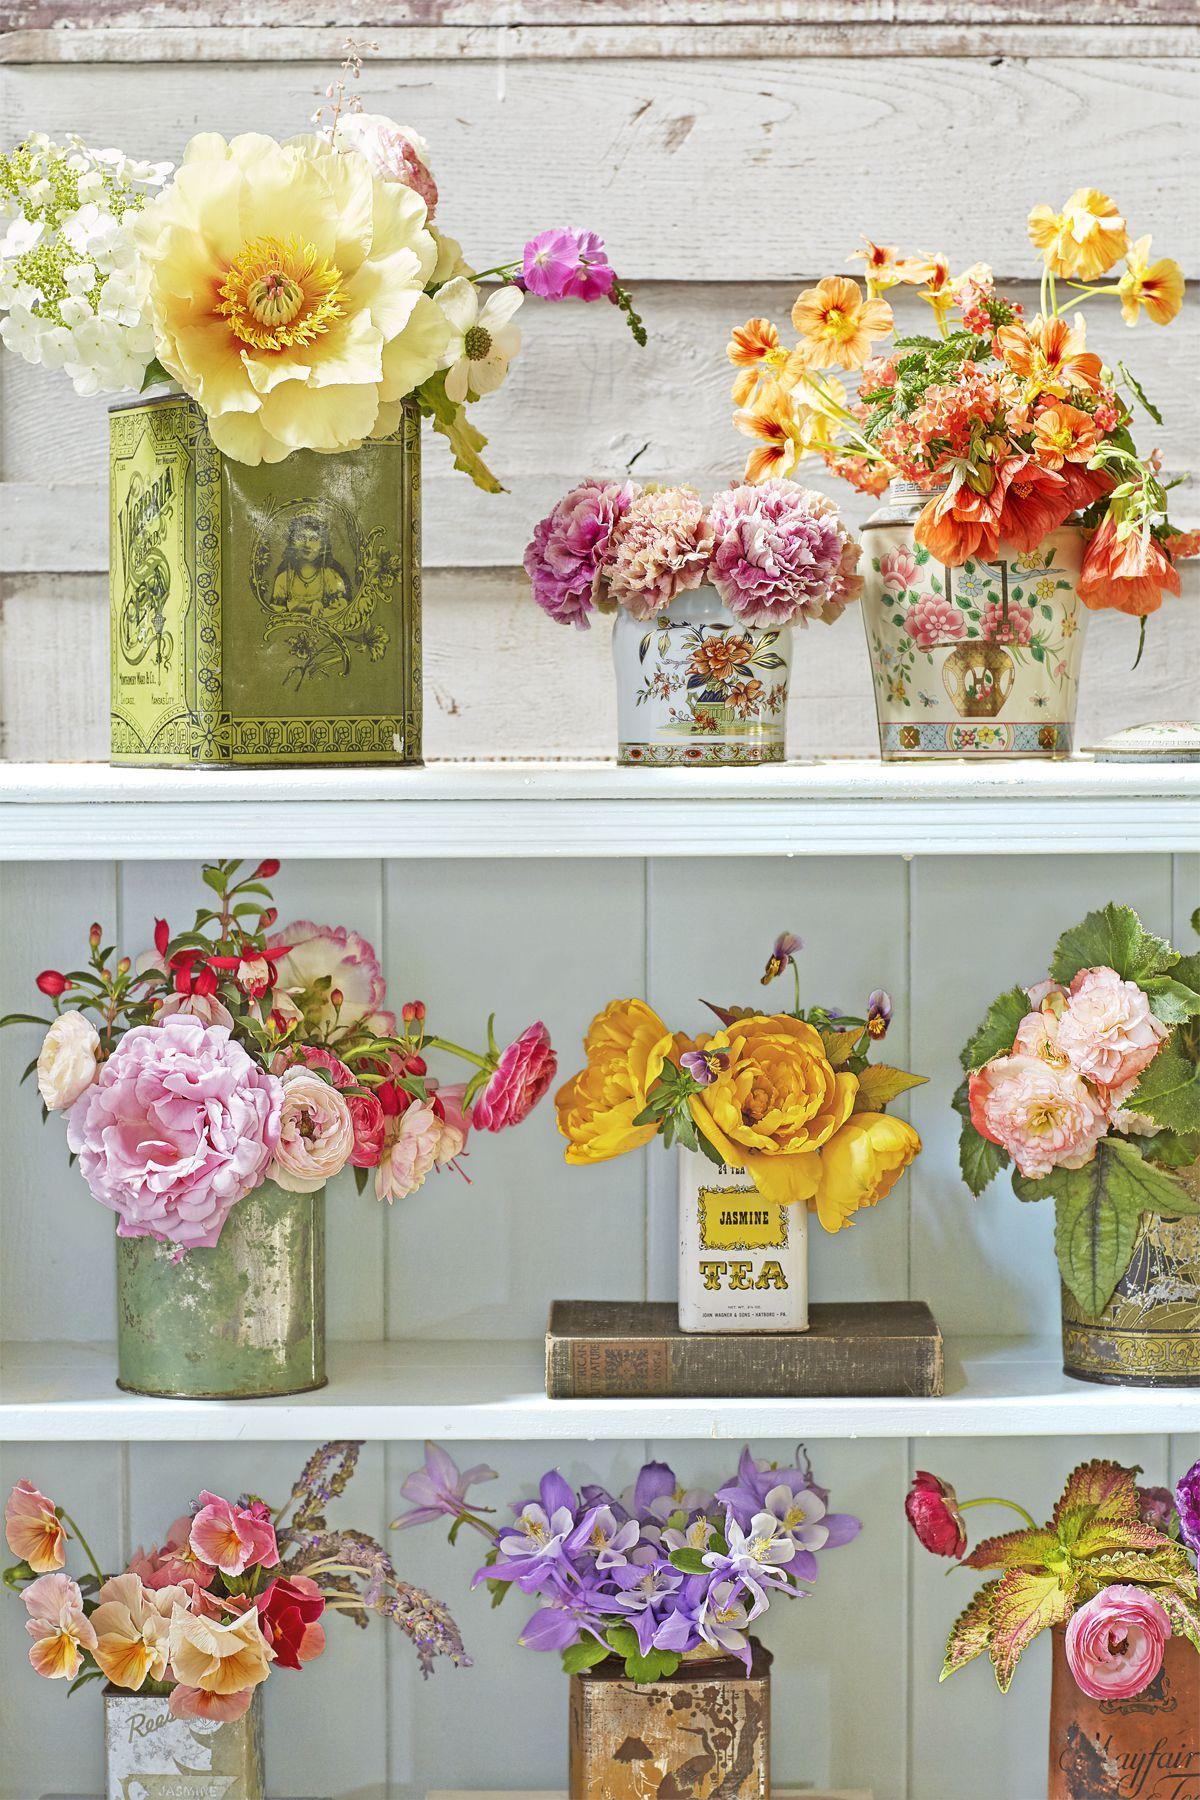 diy flower arrangements  sc 1 st  Country Living Magazine & 37 Easy Floral Arrangement Ideas - Creative DIY Flower Arrangements